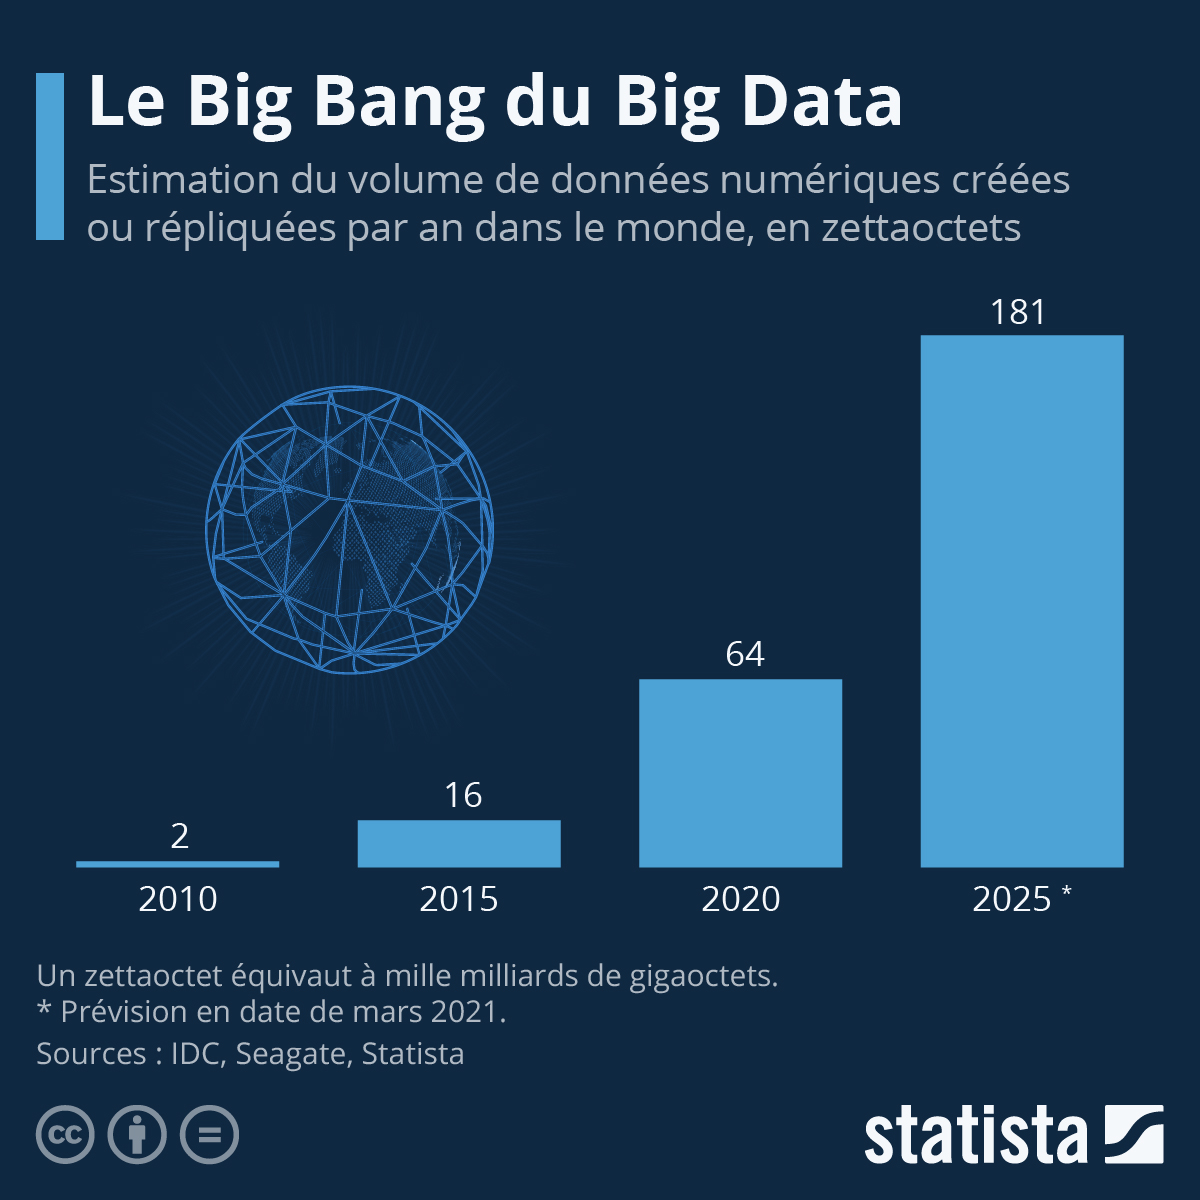 Le big bang du big data